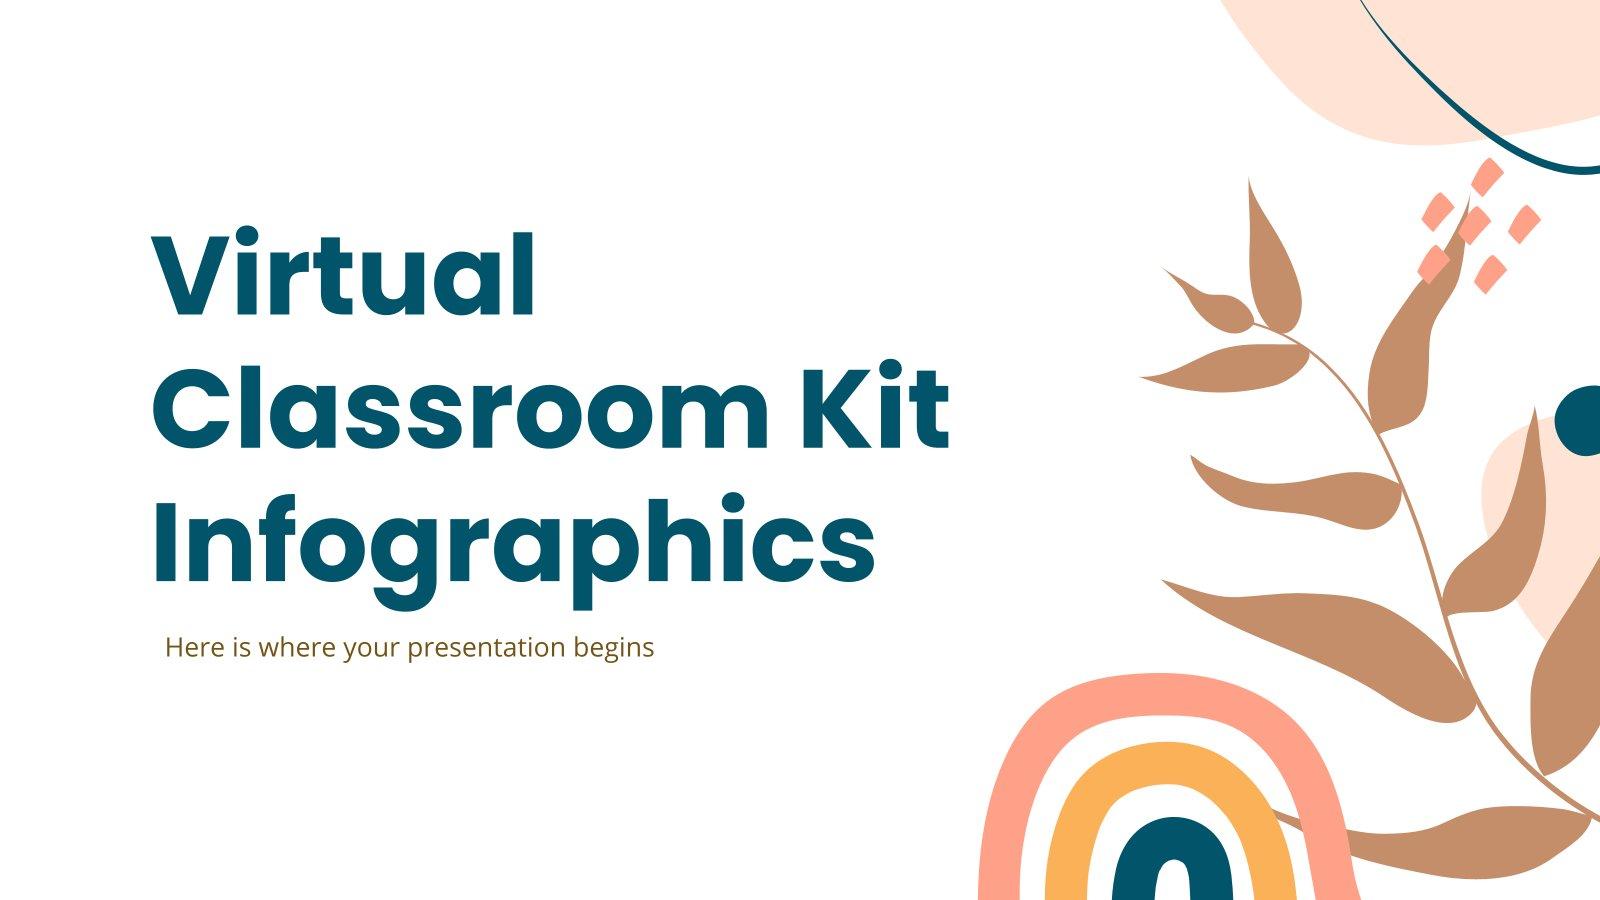 Infographies kit d'animation de classe virtuelle : Modèles de présentation